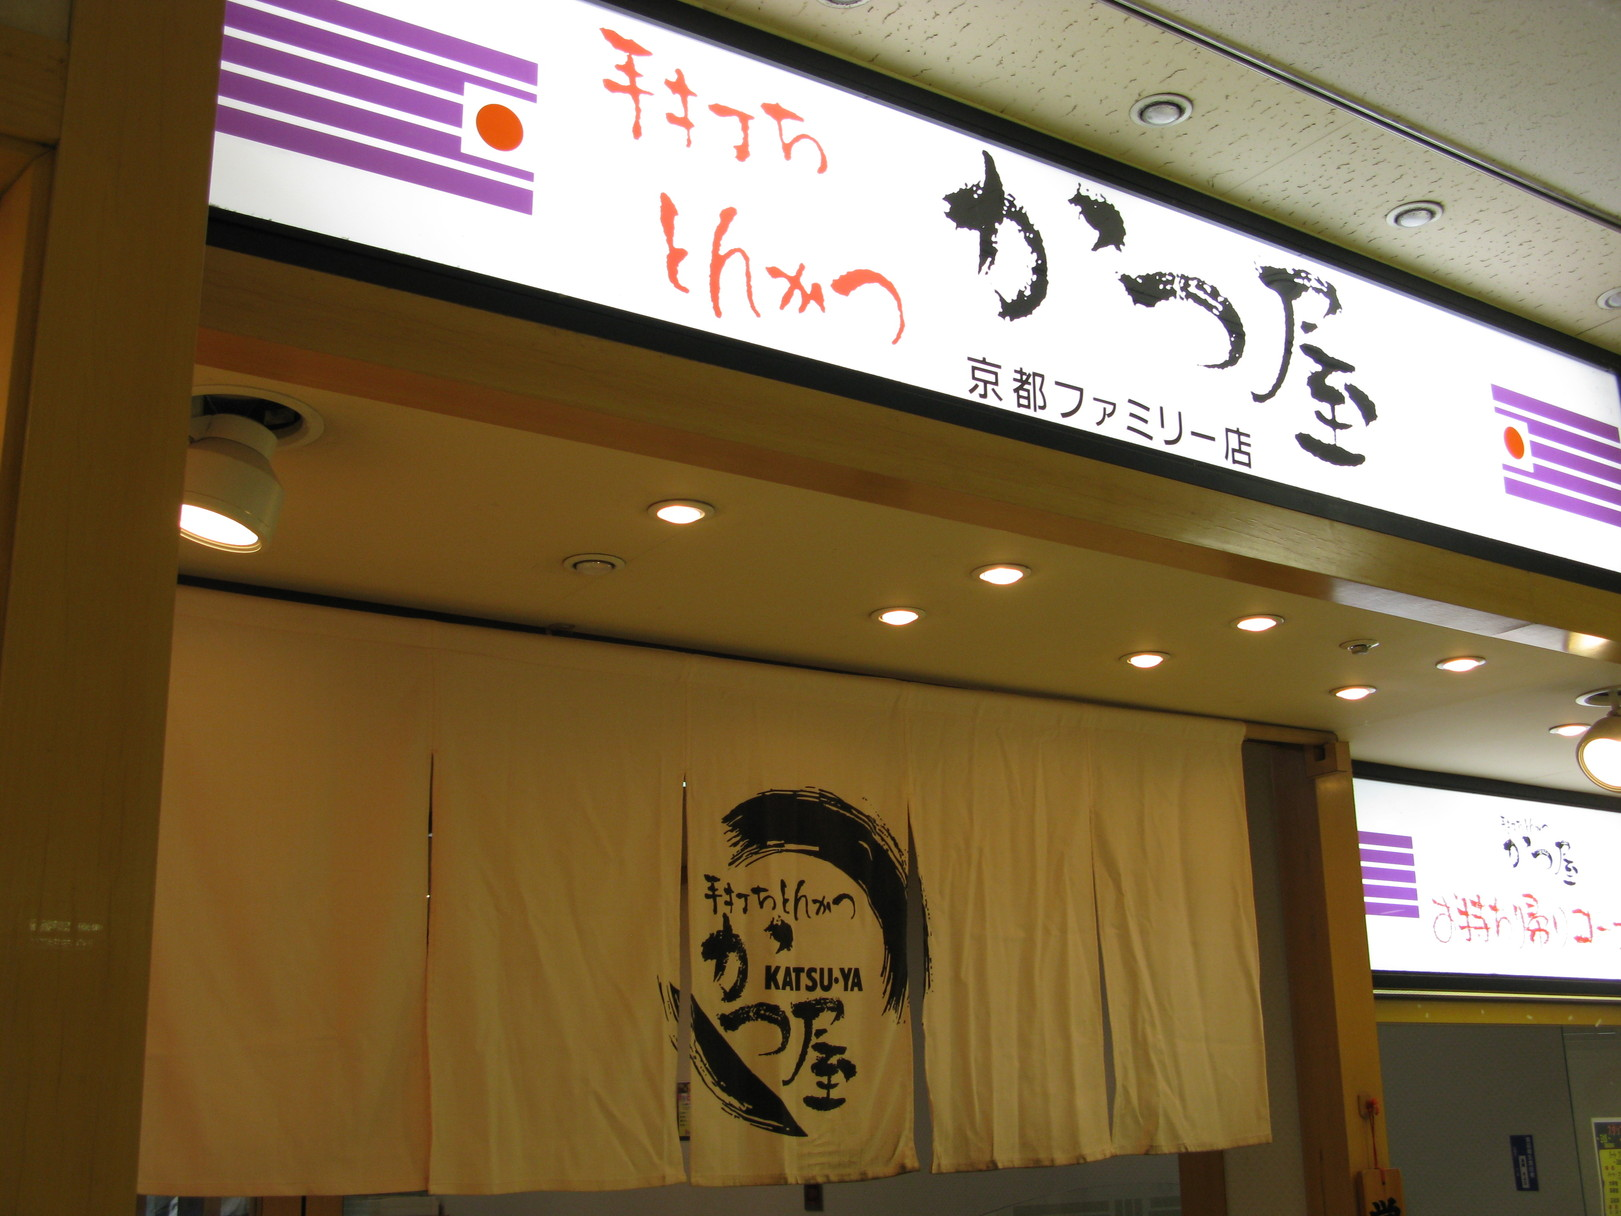 かつ屋 京都ファミリー店